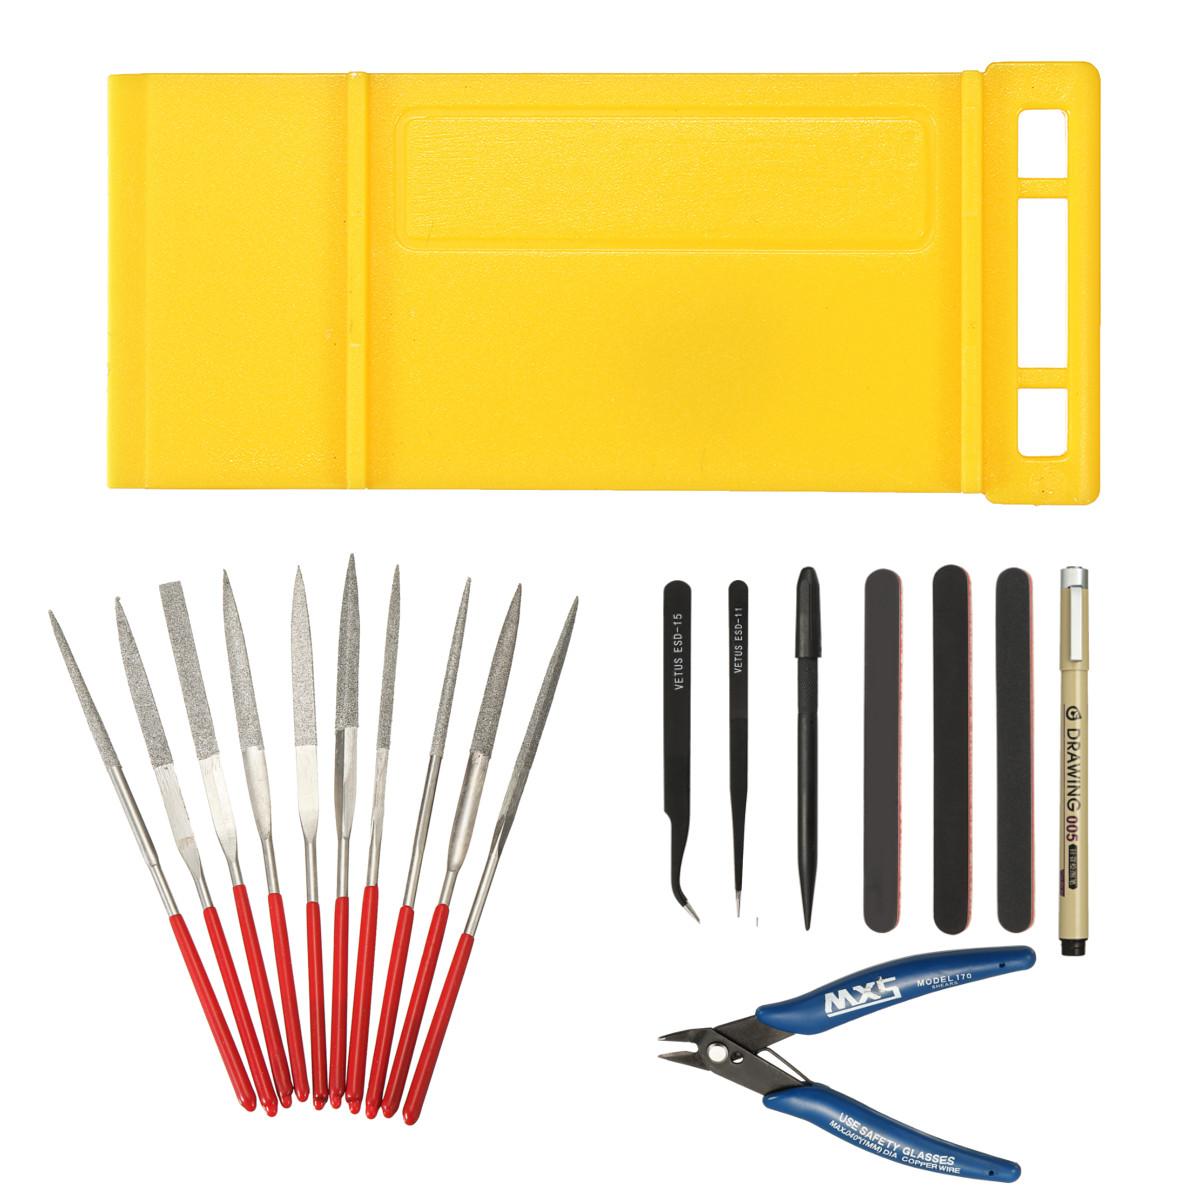 DIY Basic Tools Craft Set Car Model Building Repair Kit For Gundam Modeler  Tools Kit